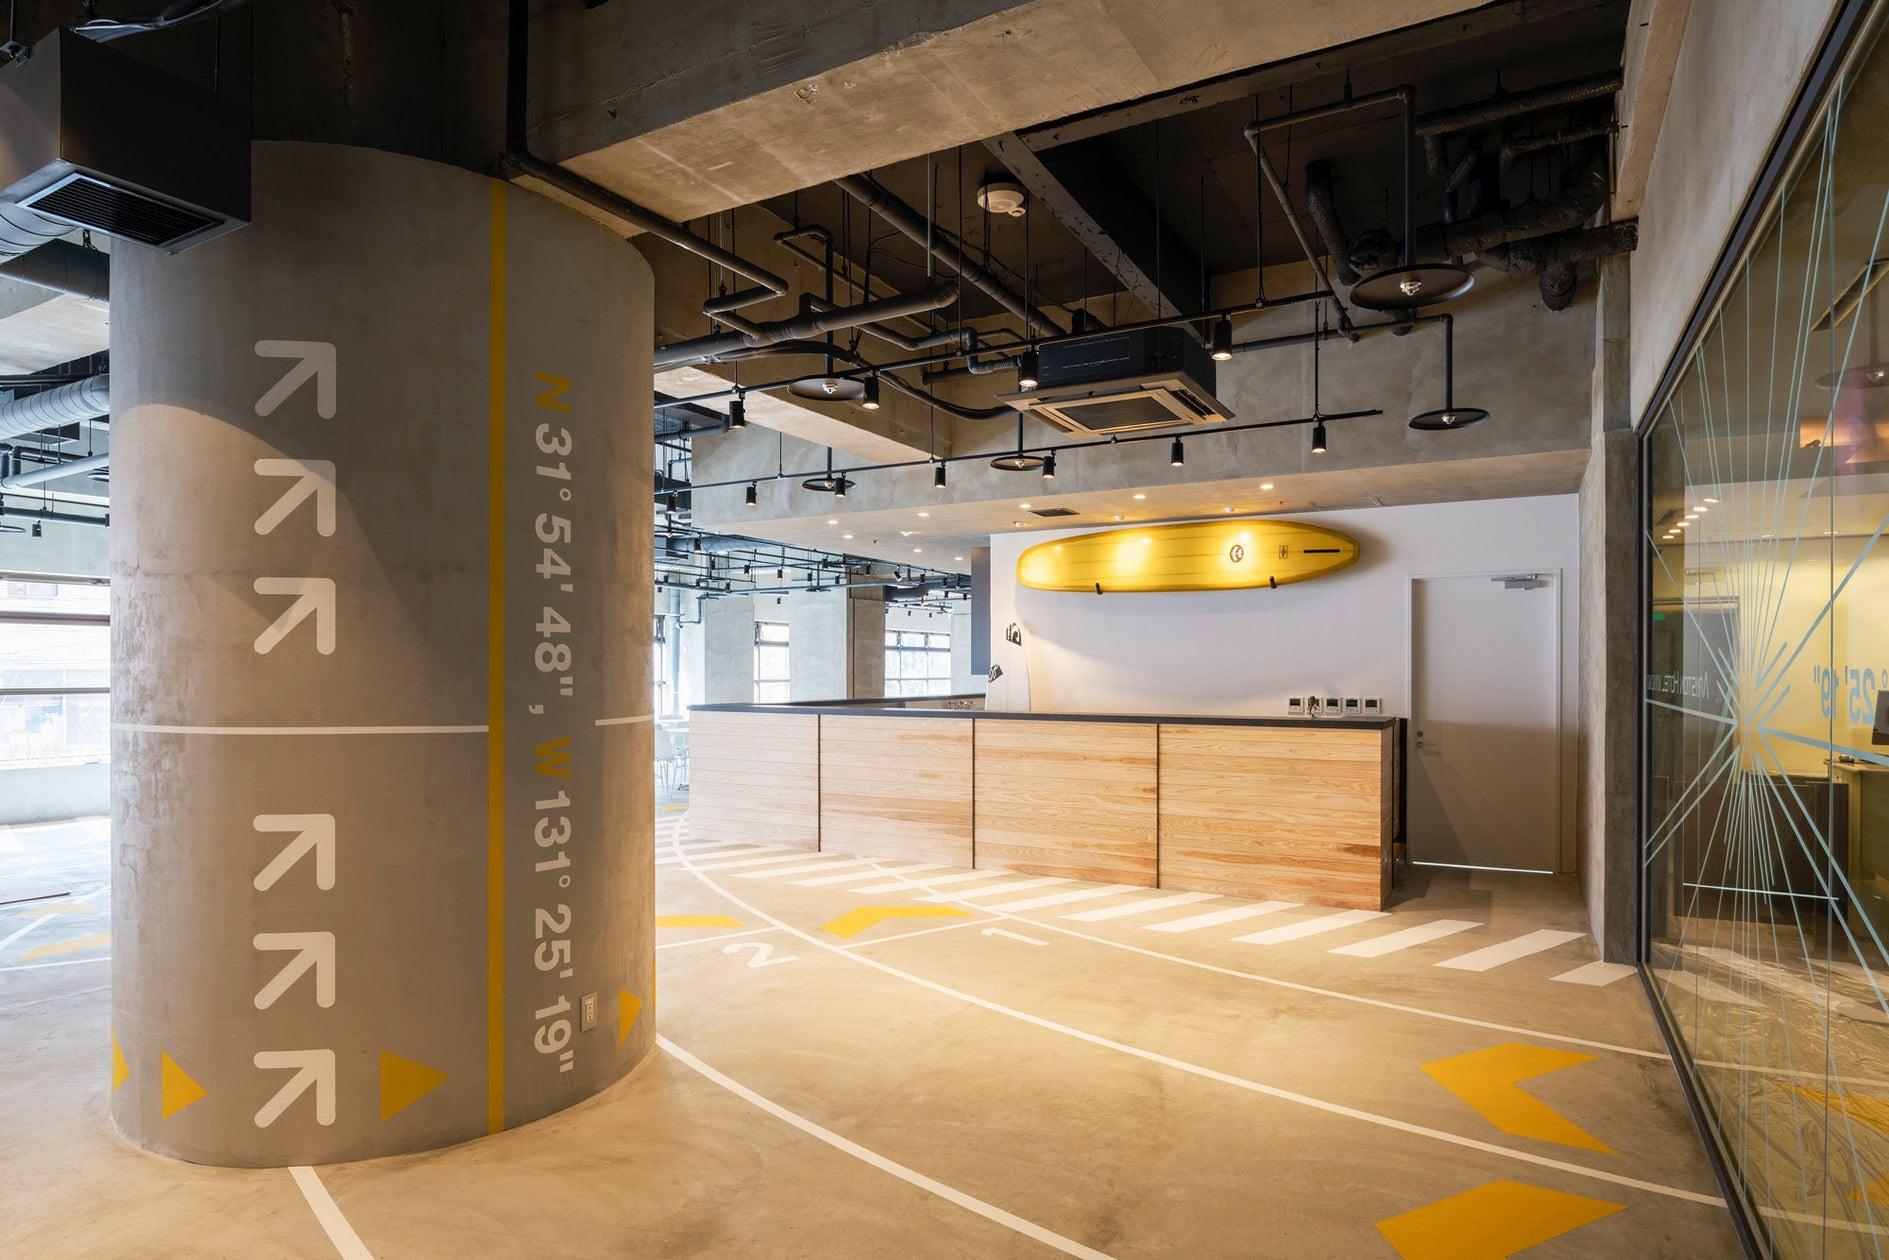 【アリストンホテル宮崎】レストランラウンジ花風-KAHU- フィールドスペース